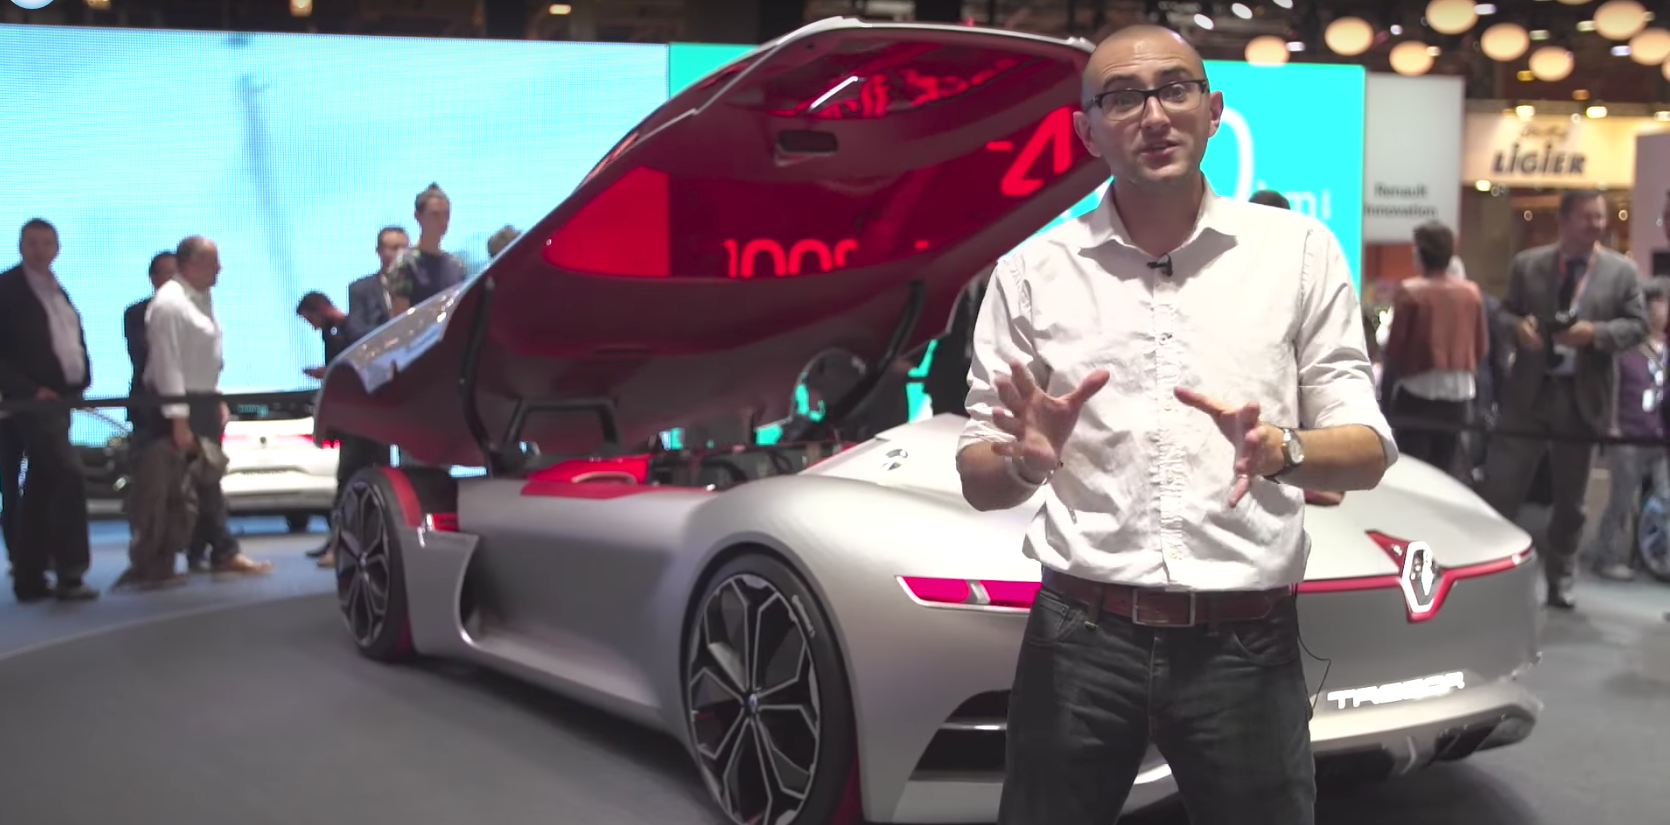 Renault Trezor: Autonomy, electricity, pretty